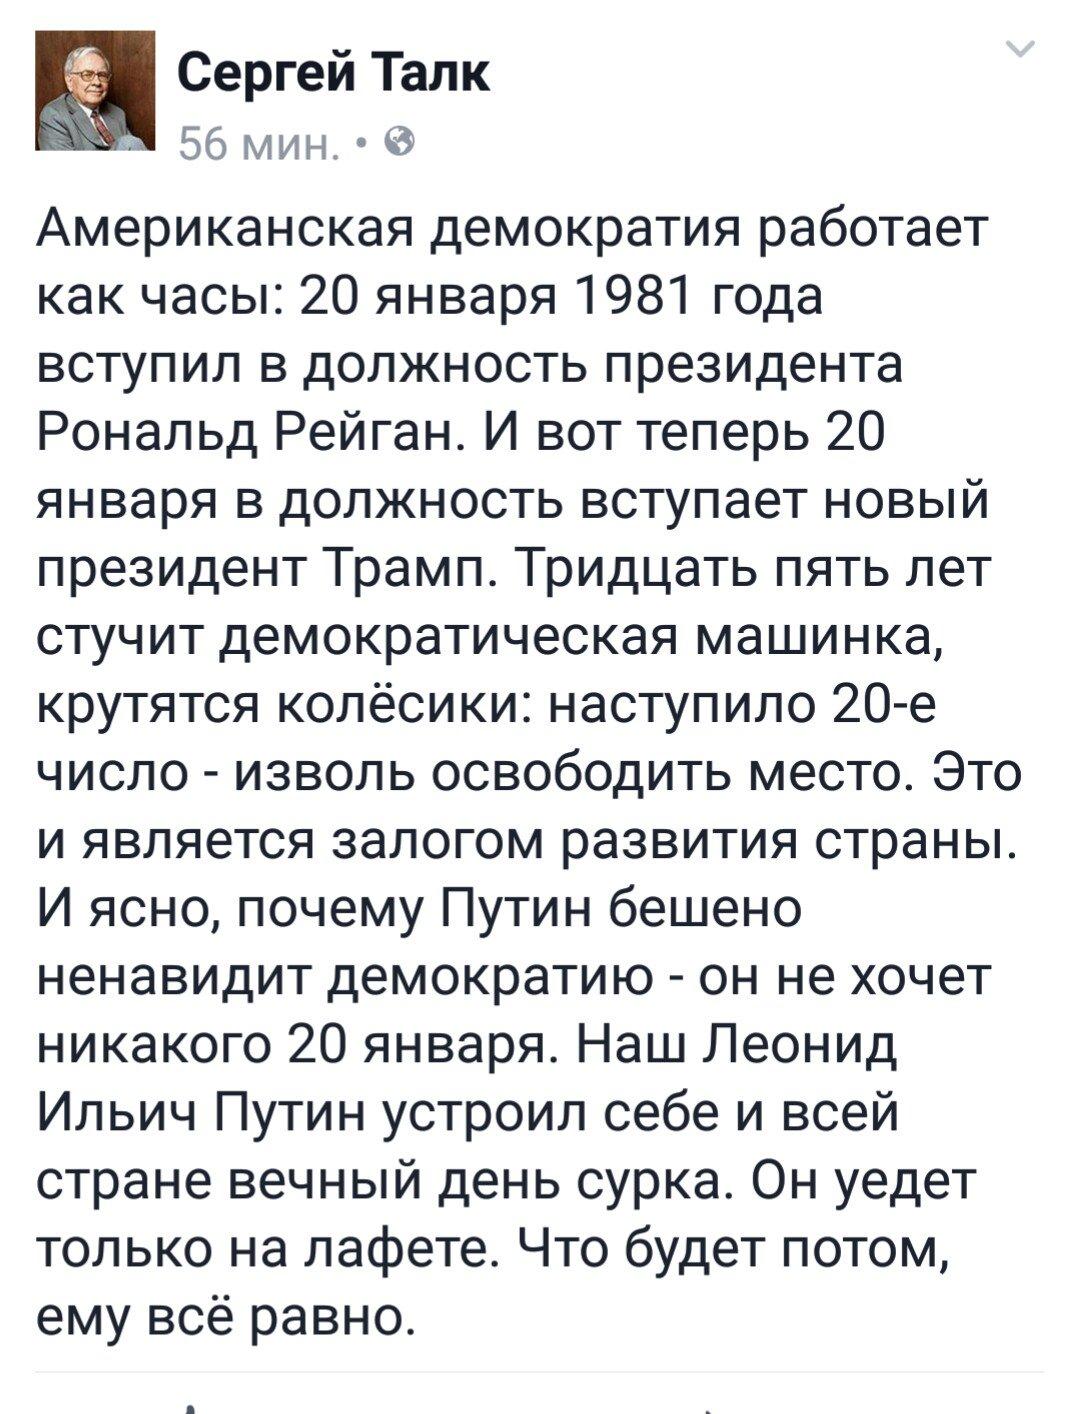 Оккупанты продолжают обстрелы на всех направлениях, ранены 2 украинских военных, - штаб АТО - Цензор.НЕТ 115